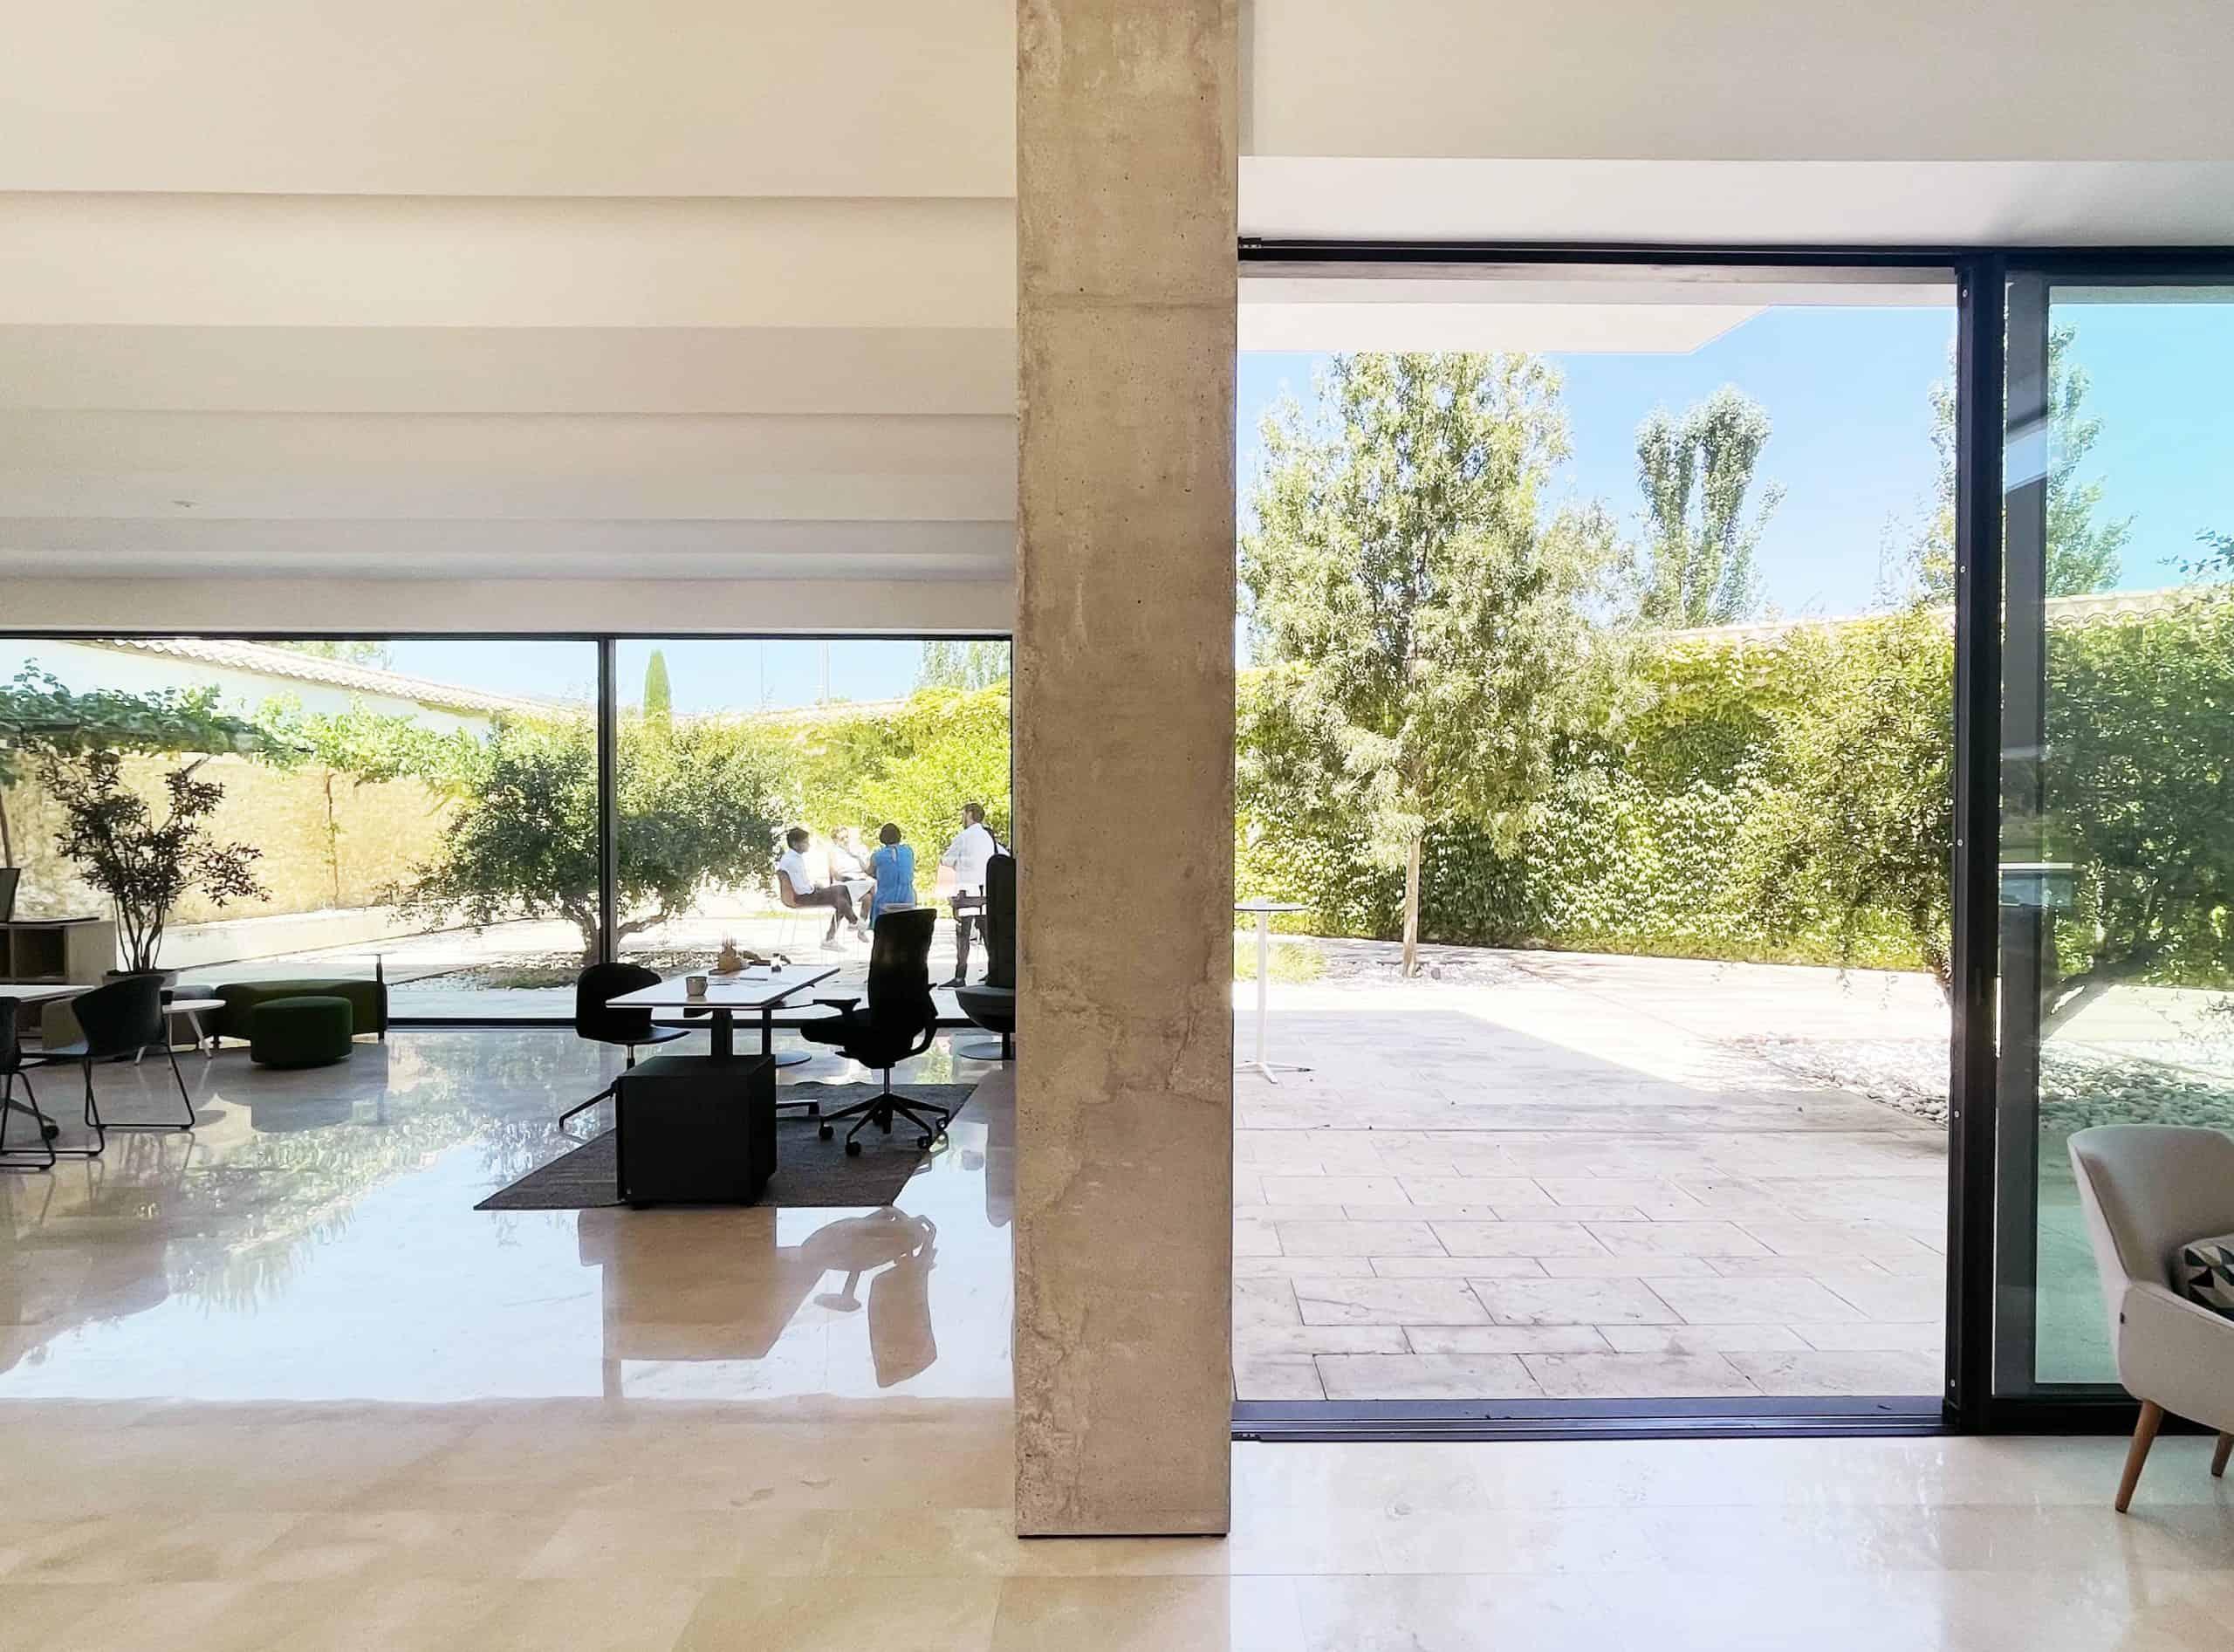 Interior La venta Arquitectura by roberto garcia